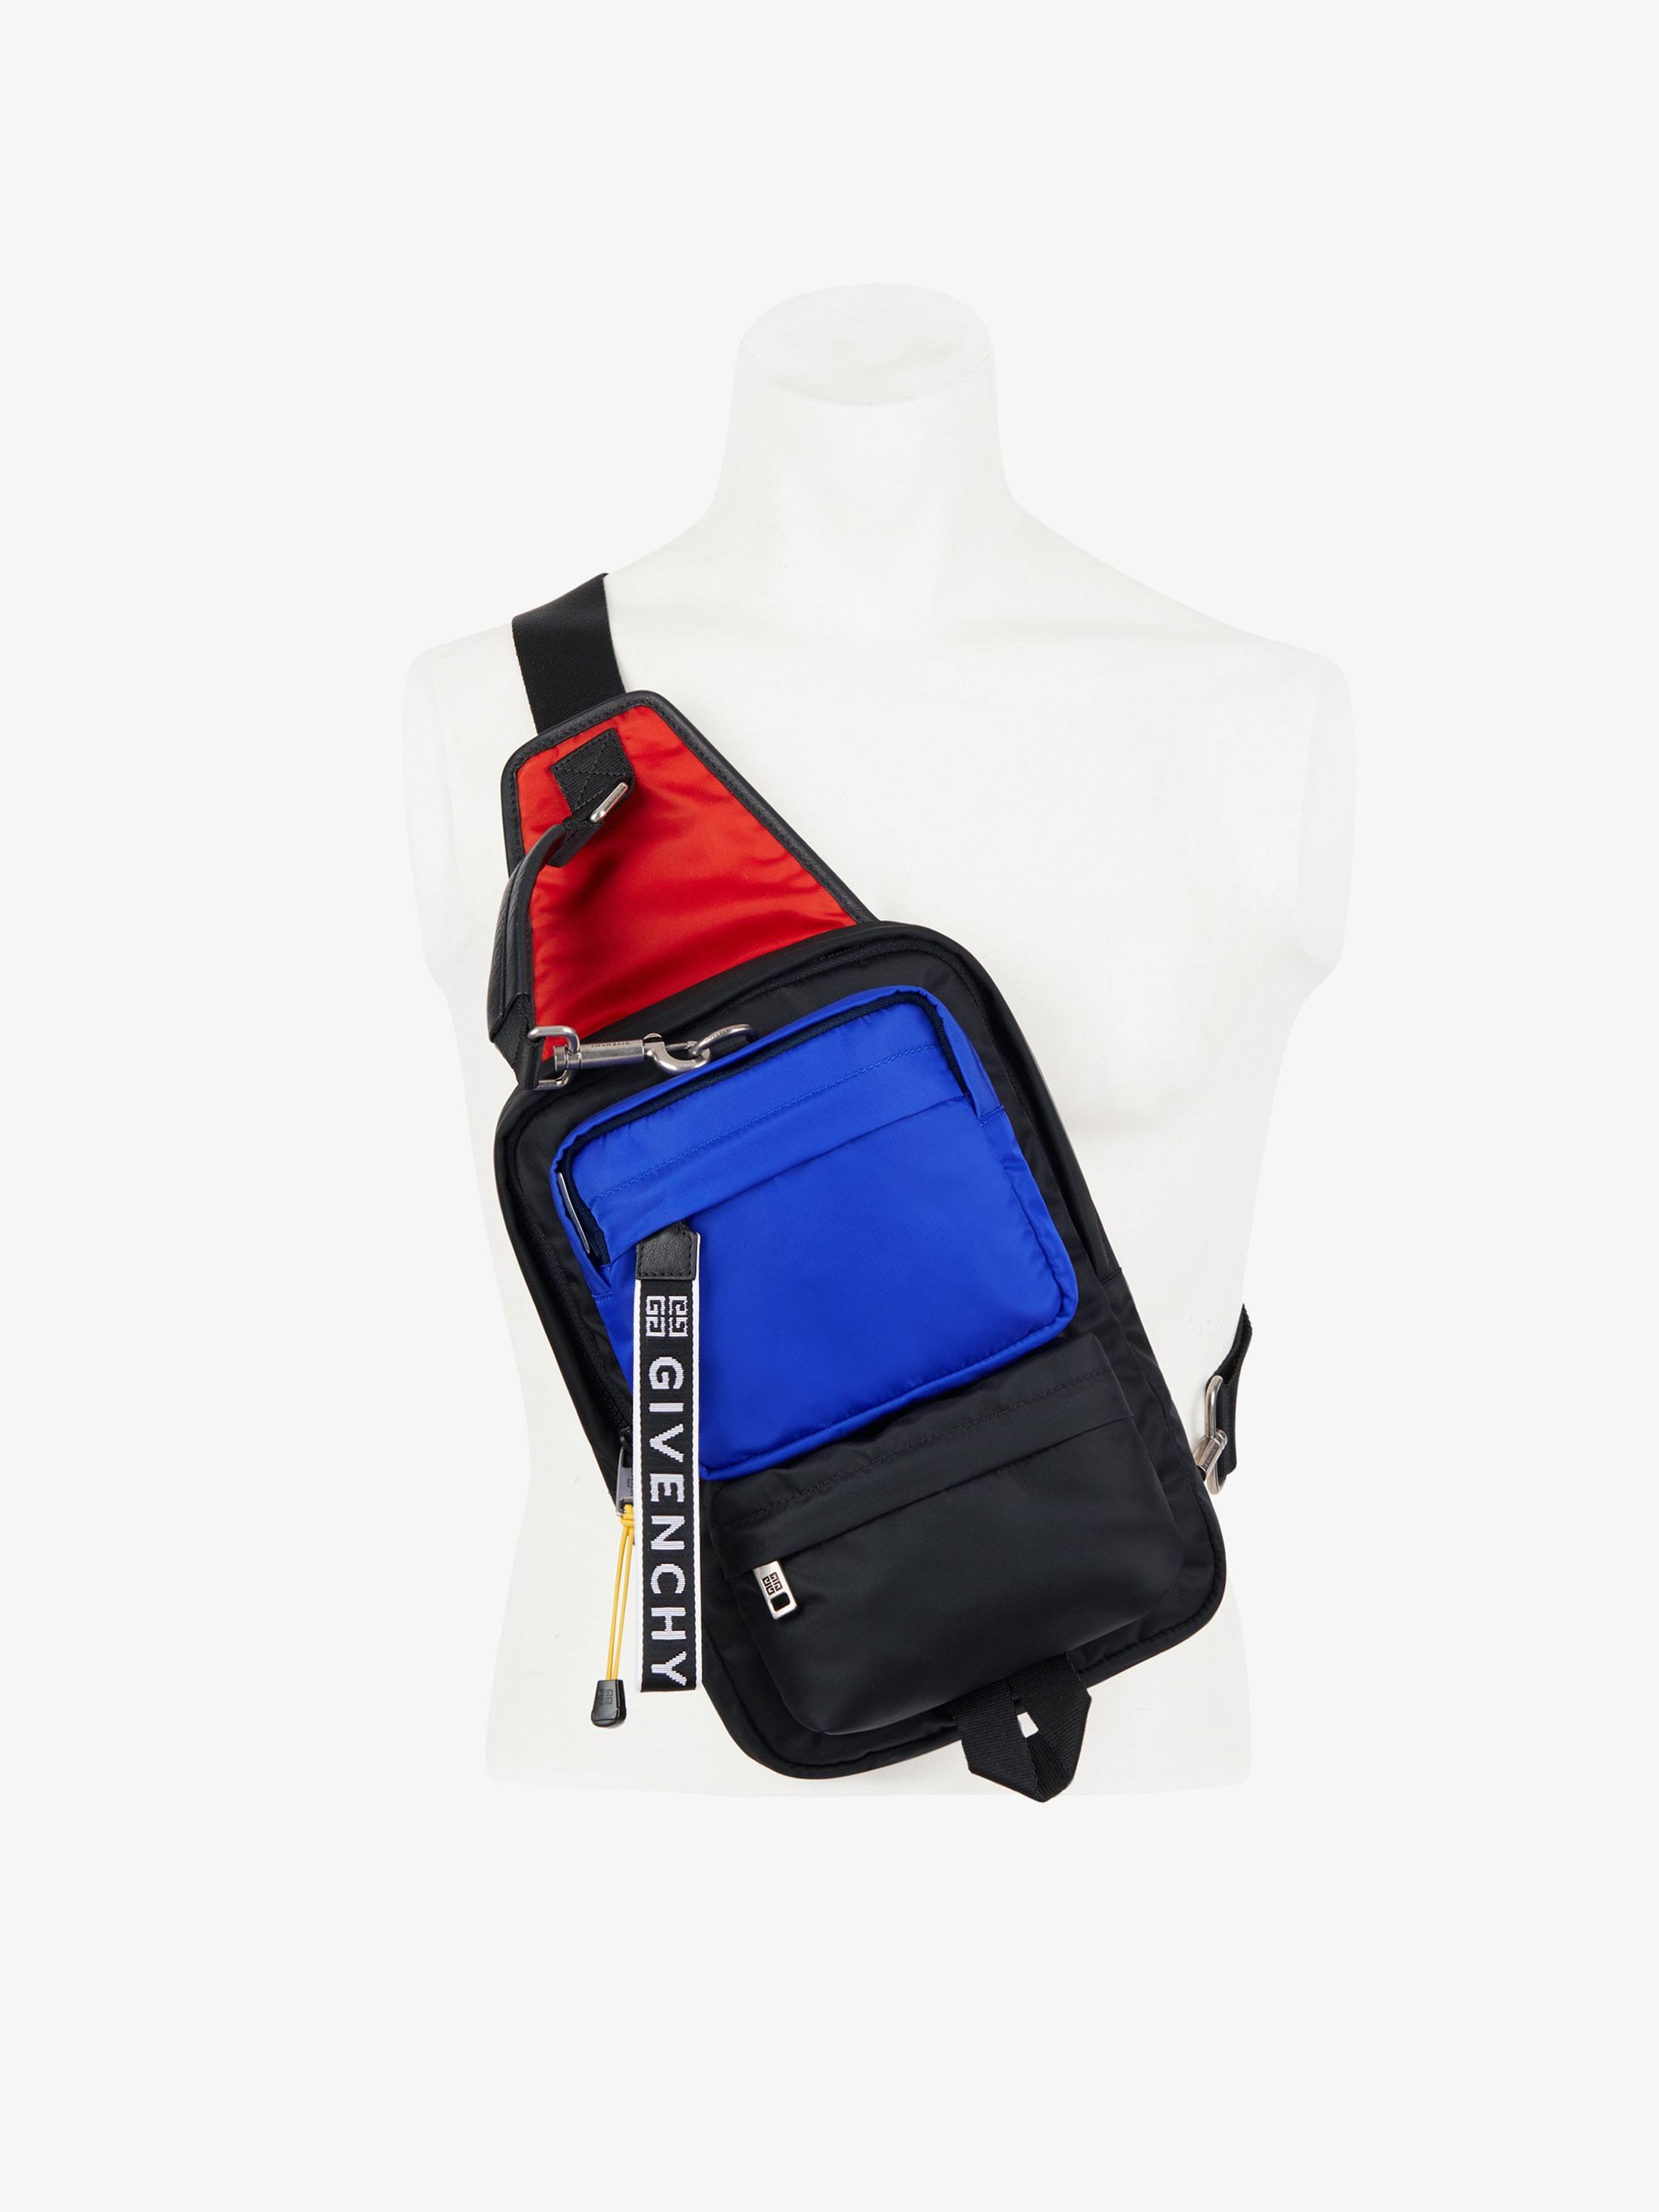 Tricolor sling bag in nylon